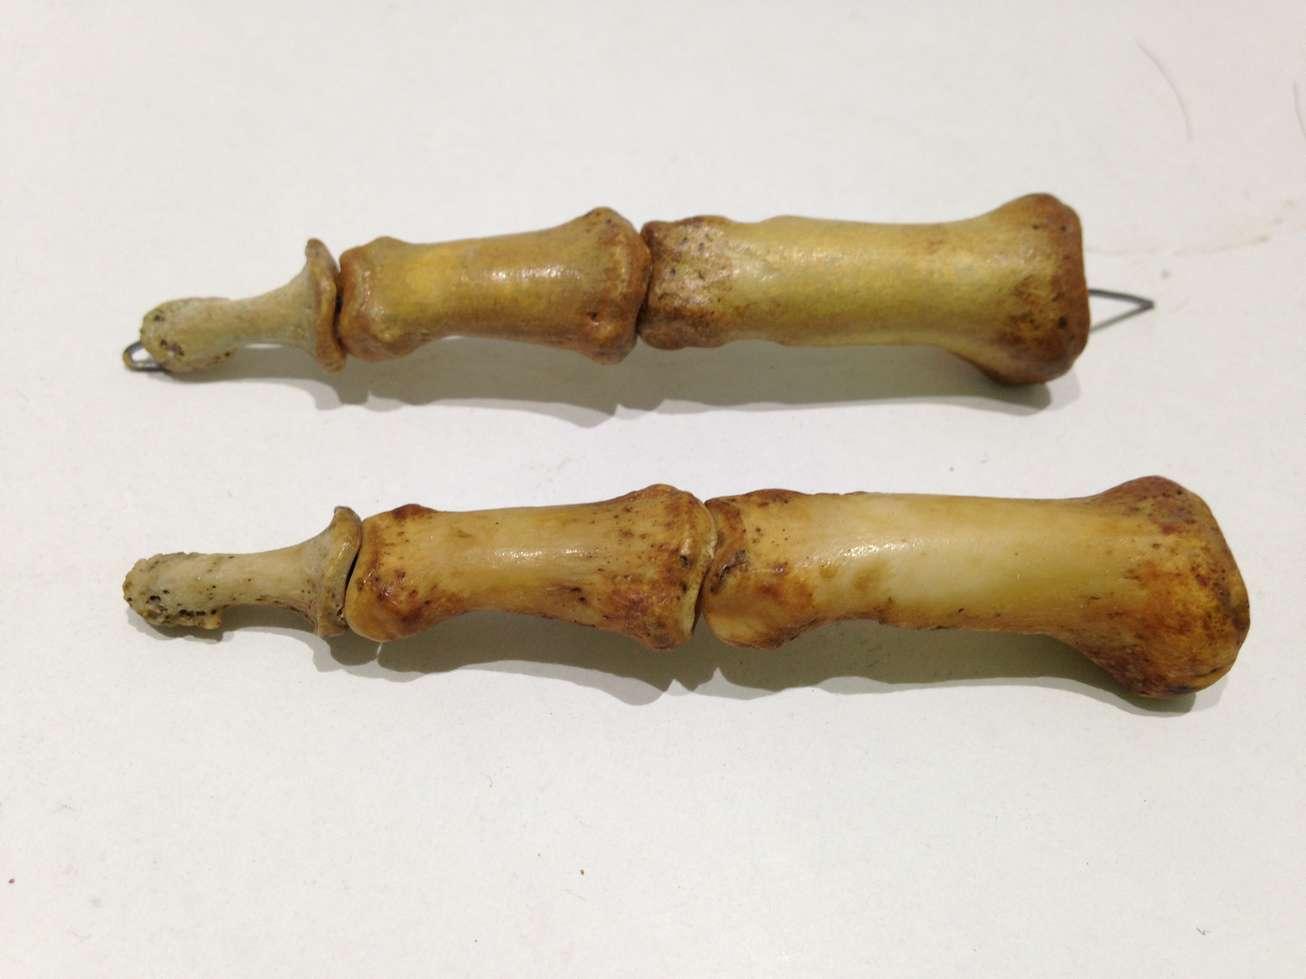 copie-resine-os-doigt-squelette-art-restauration-restaurarte.jpg